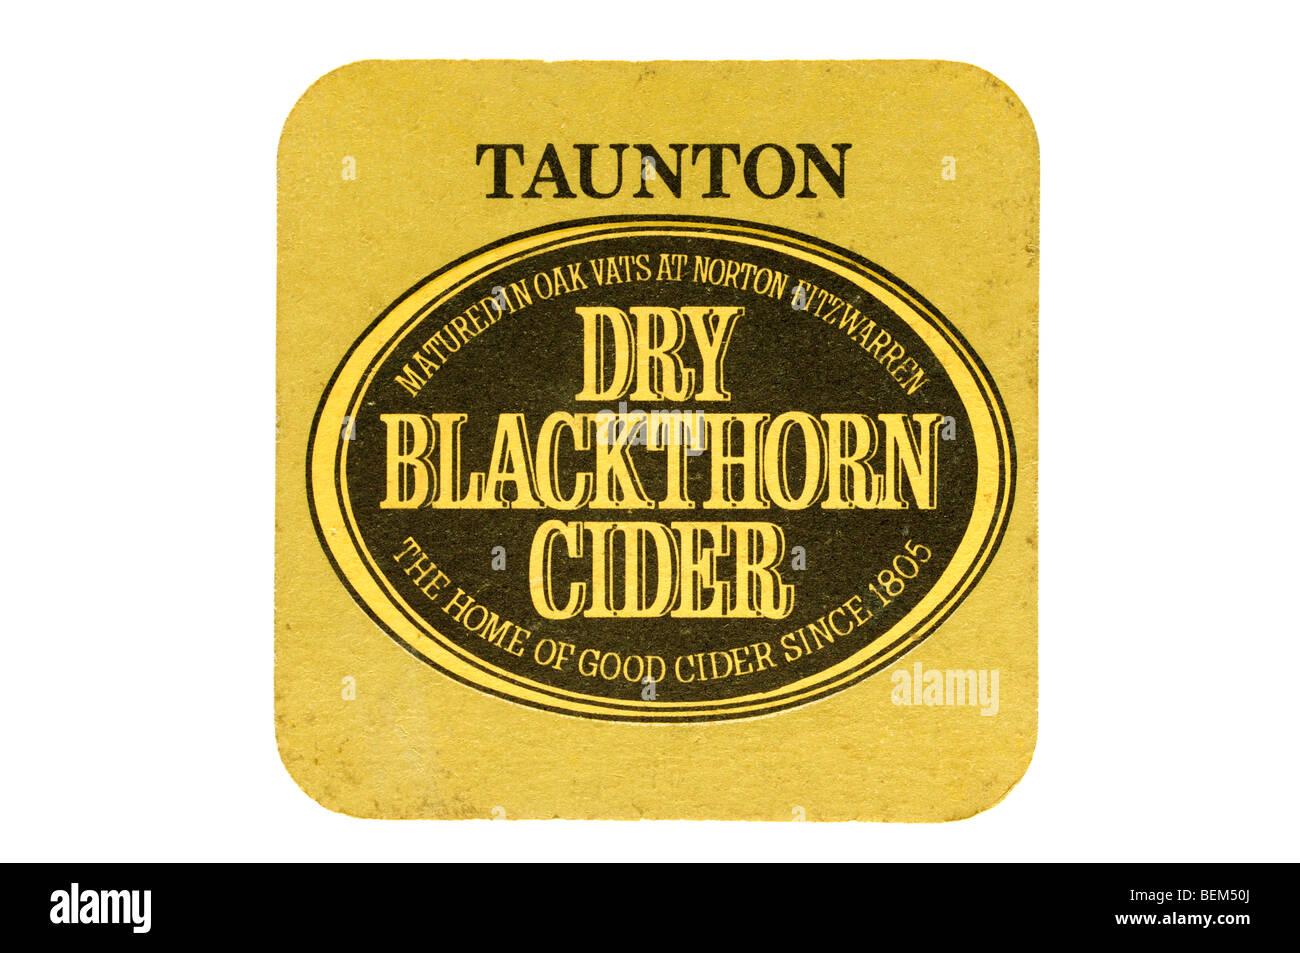 Taunton maduró en tinas de madera de roble en norton fitzwarren endrino sidra seca la casa de buena cyder desde Imagen De Stock